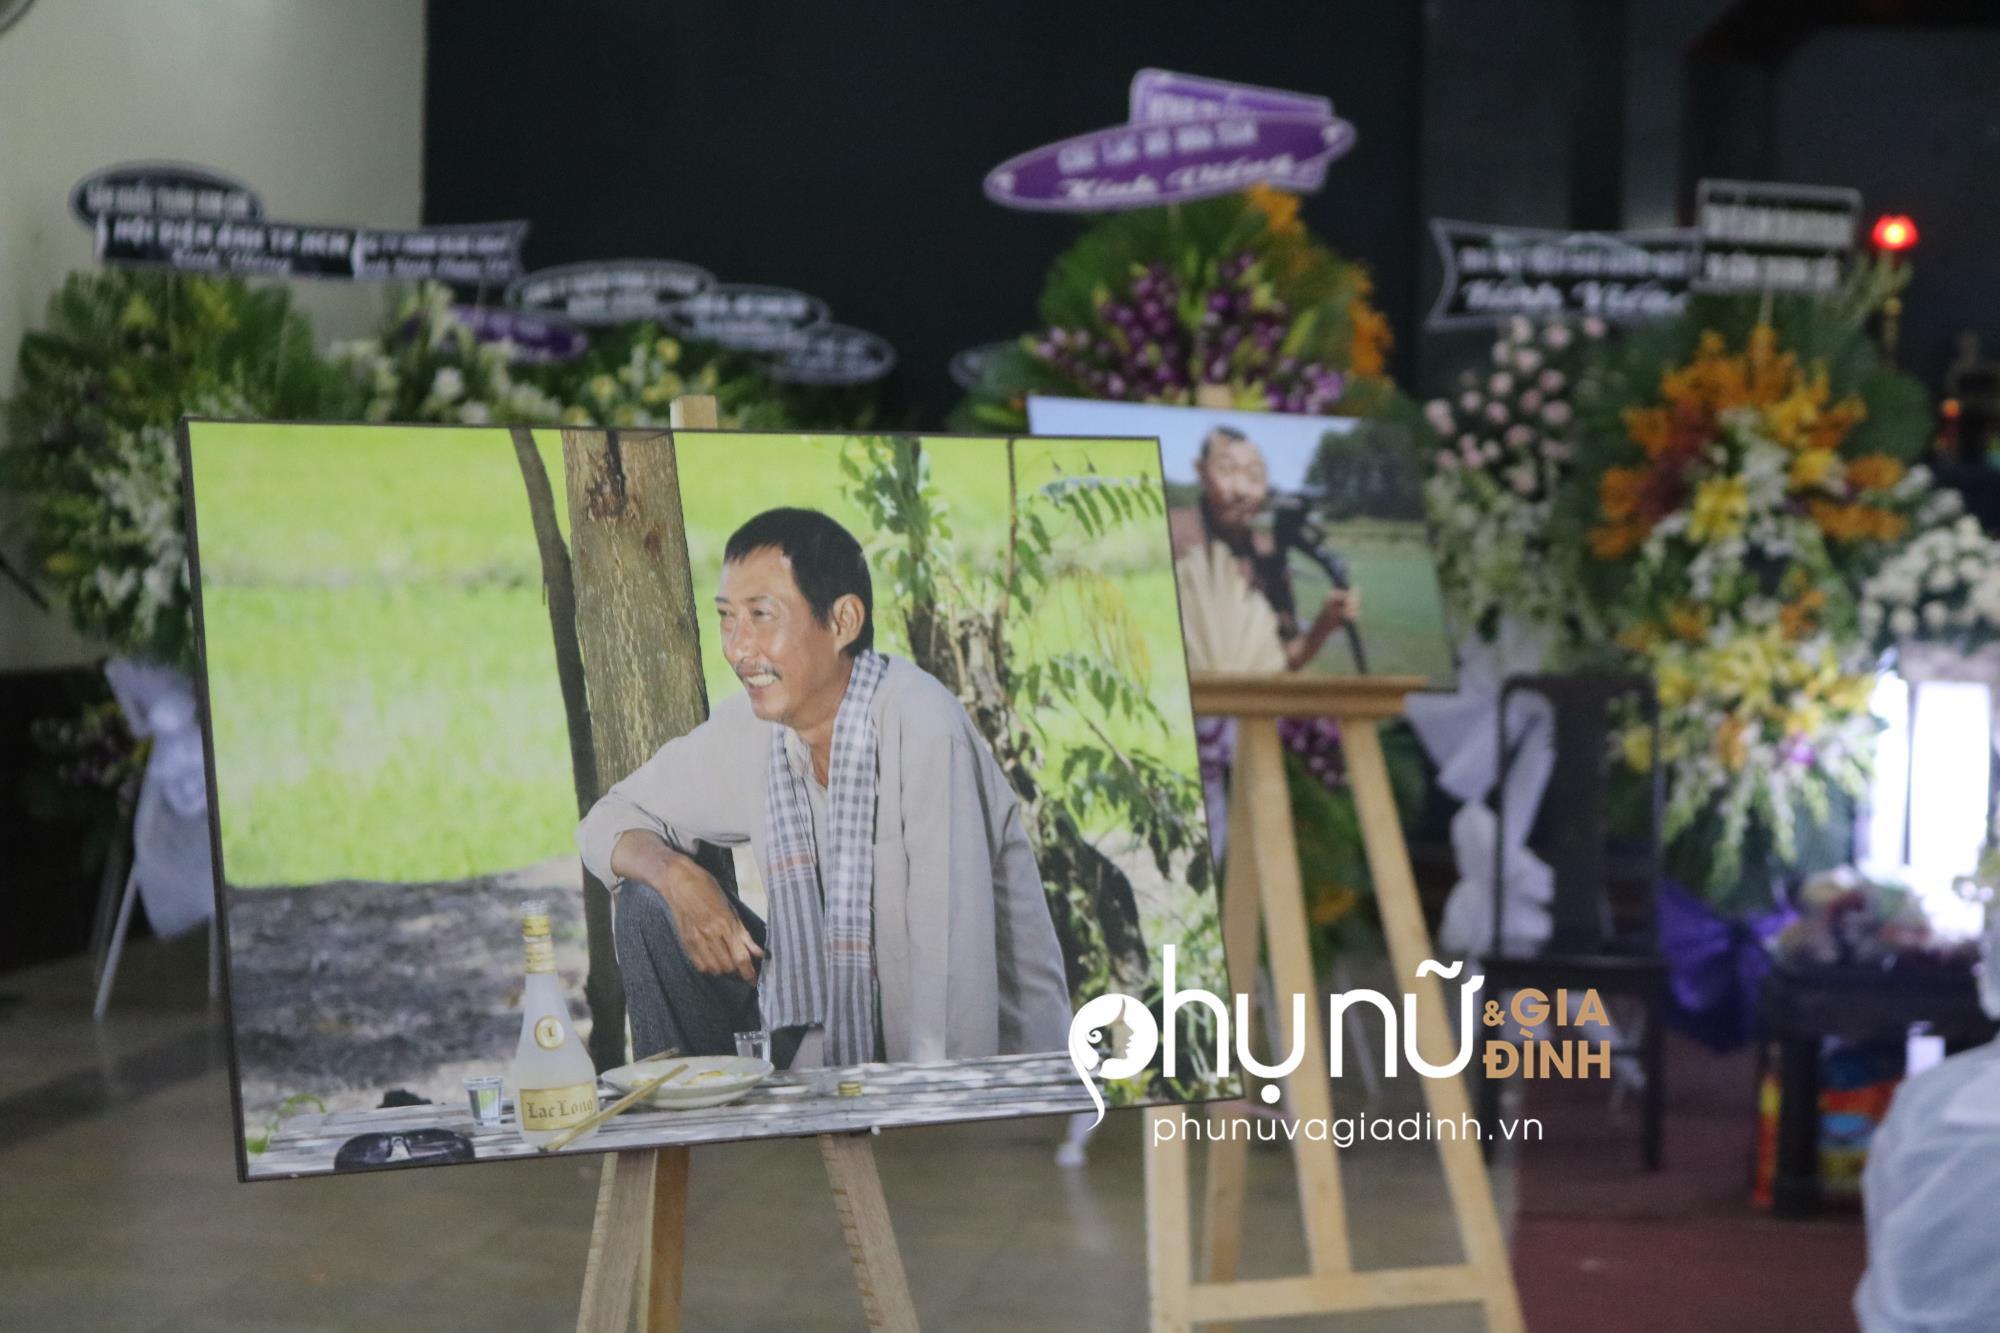 Viếng 'tía' Lê Bình, Dương Cẩm Lynh nấc nghẹn khi nhìn mặt ông lần cuối - Ảnh 8